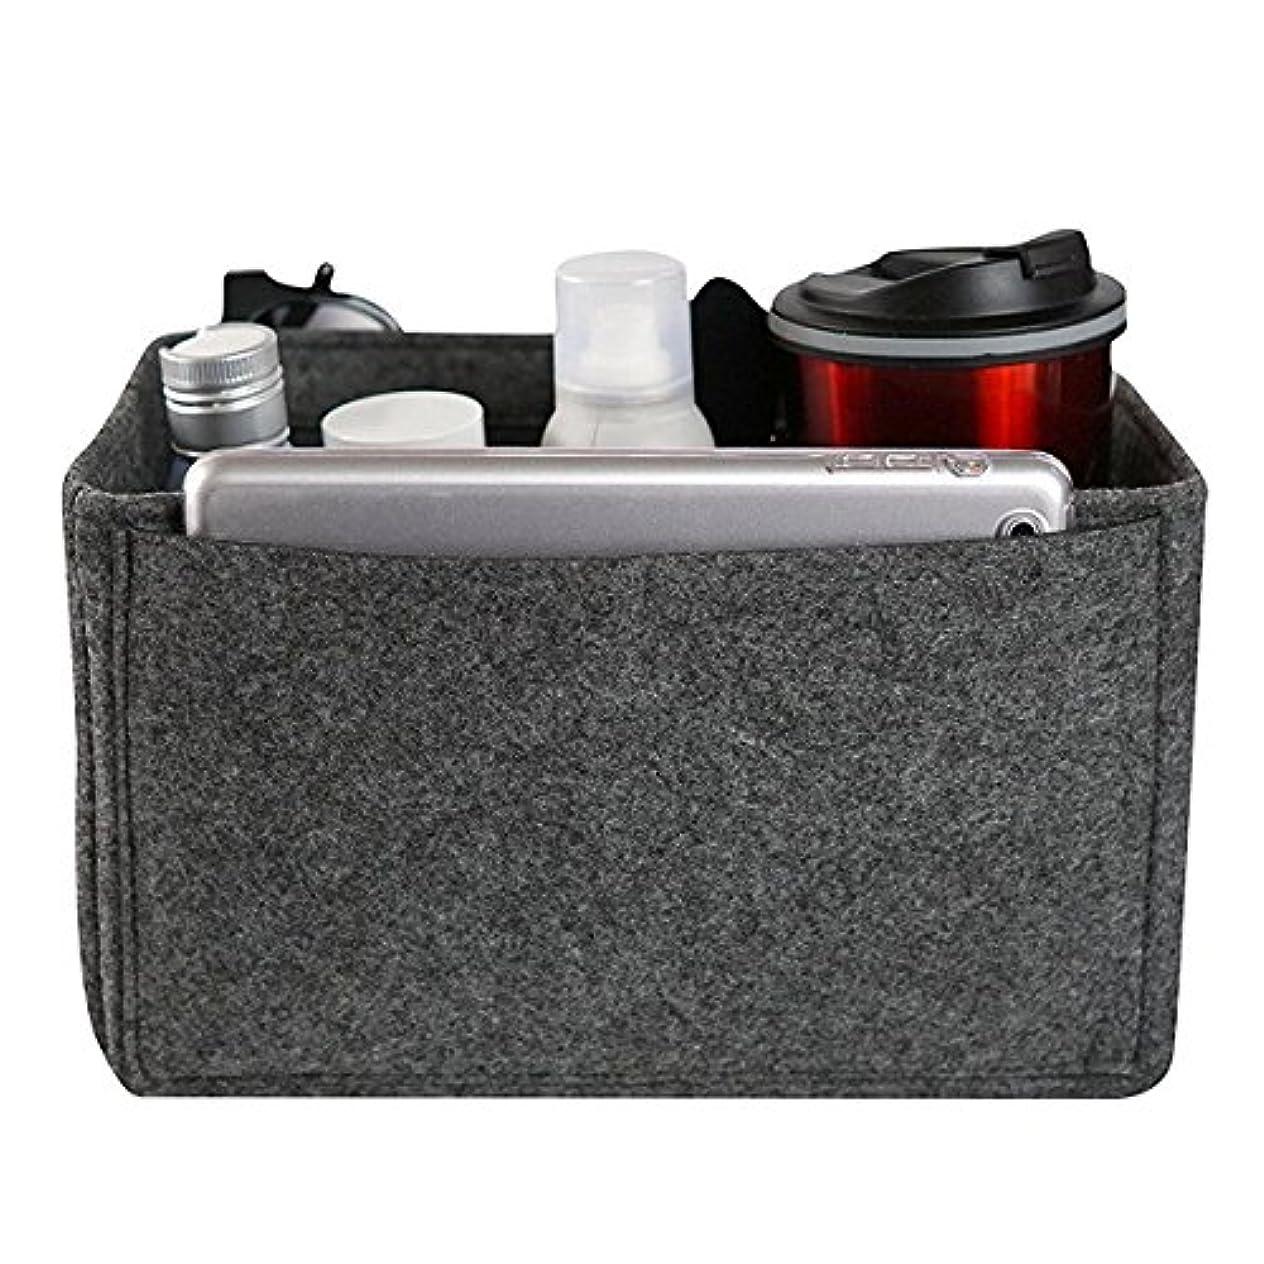 シェーバースズメバチ報復するYZUEYT フェルトインサートバッグマルチポケット化粧品ハンドバッグ財布オーガナイザーホルダーメイクアップトラベルジッパー YZUEYT (Color : Color dark gray, Size : XL)